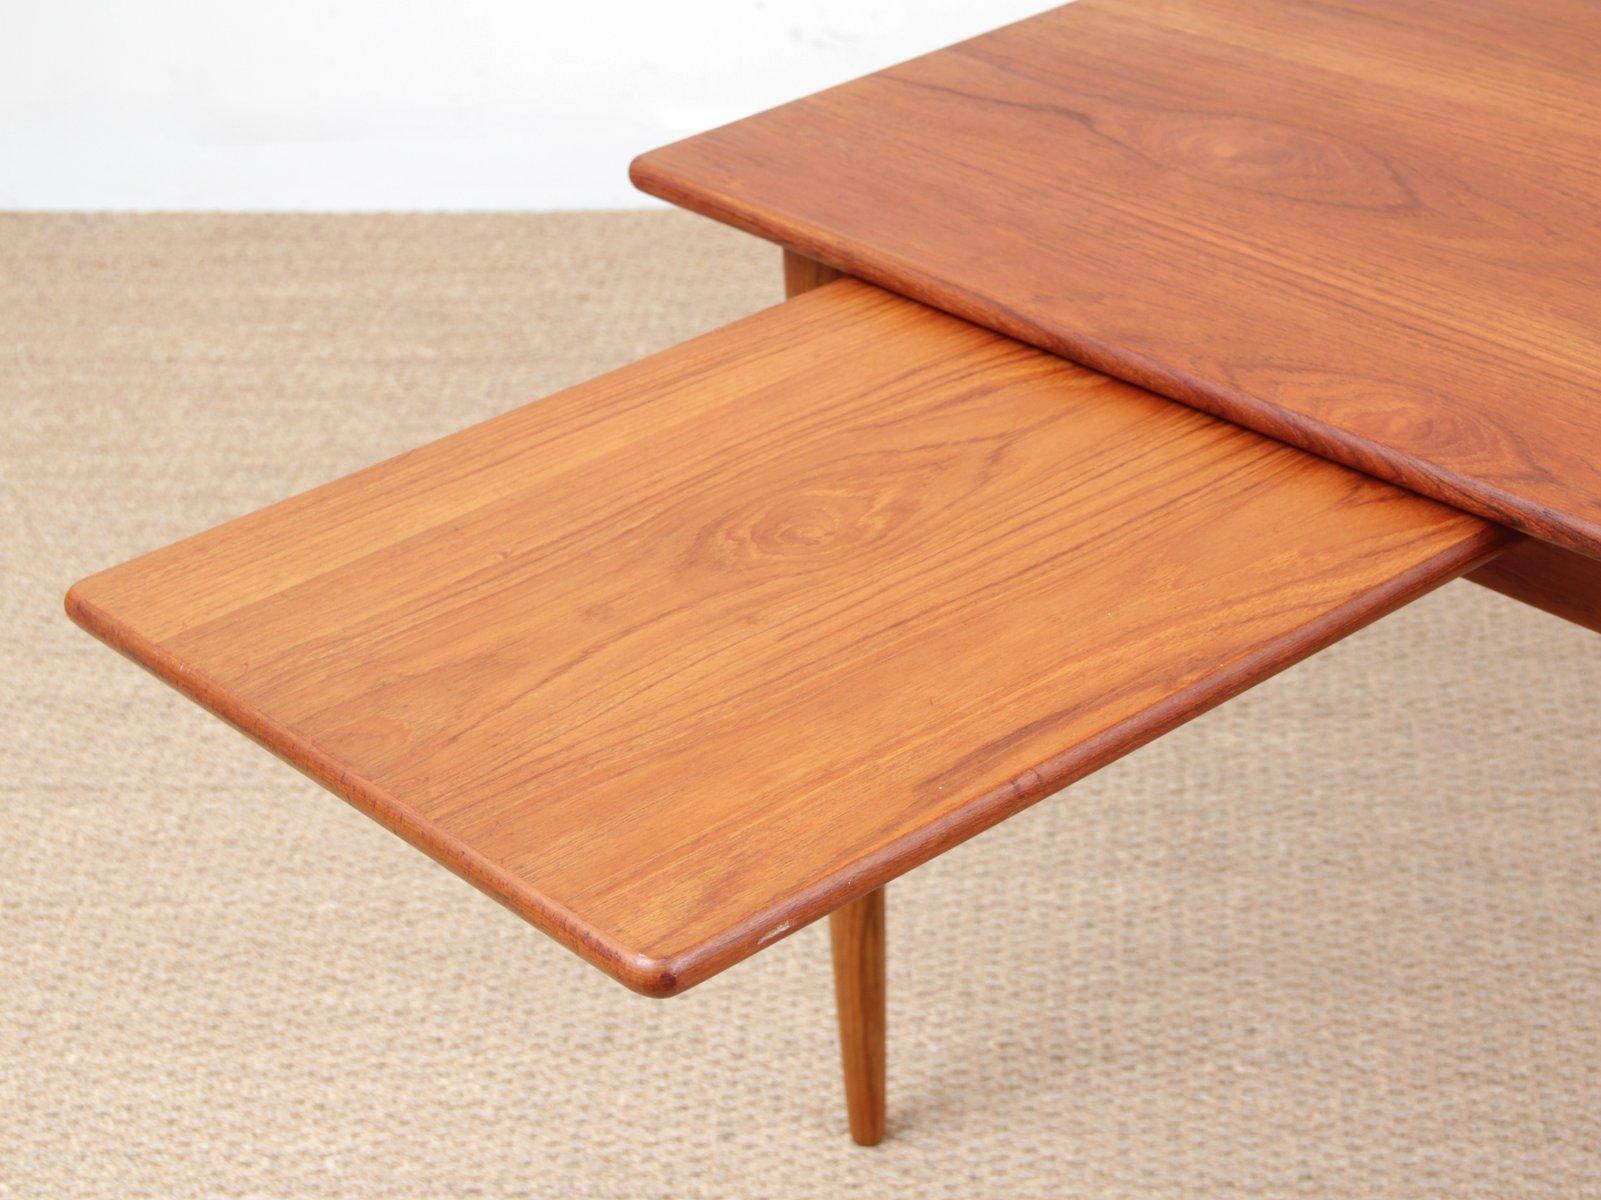 skandinavischer esstisch von yngve ekstr m f r hugo troeds 1950er bei pamono kaufen. Black Bedroom Furniture Sets. Home Design Ideas